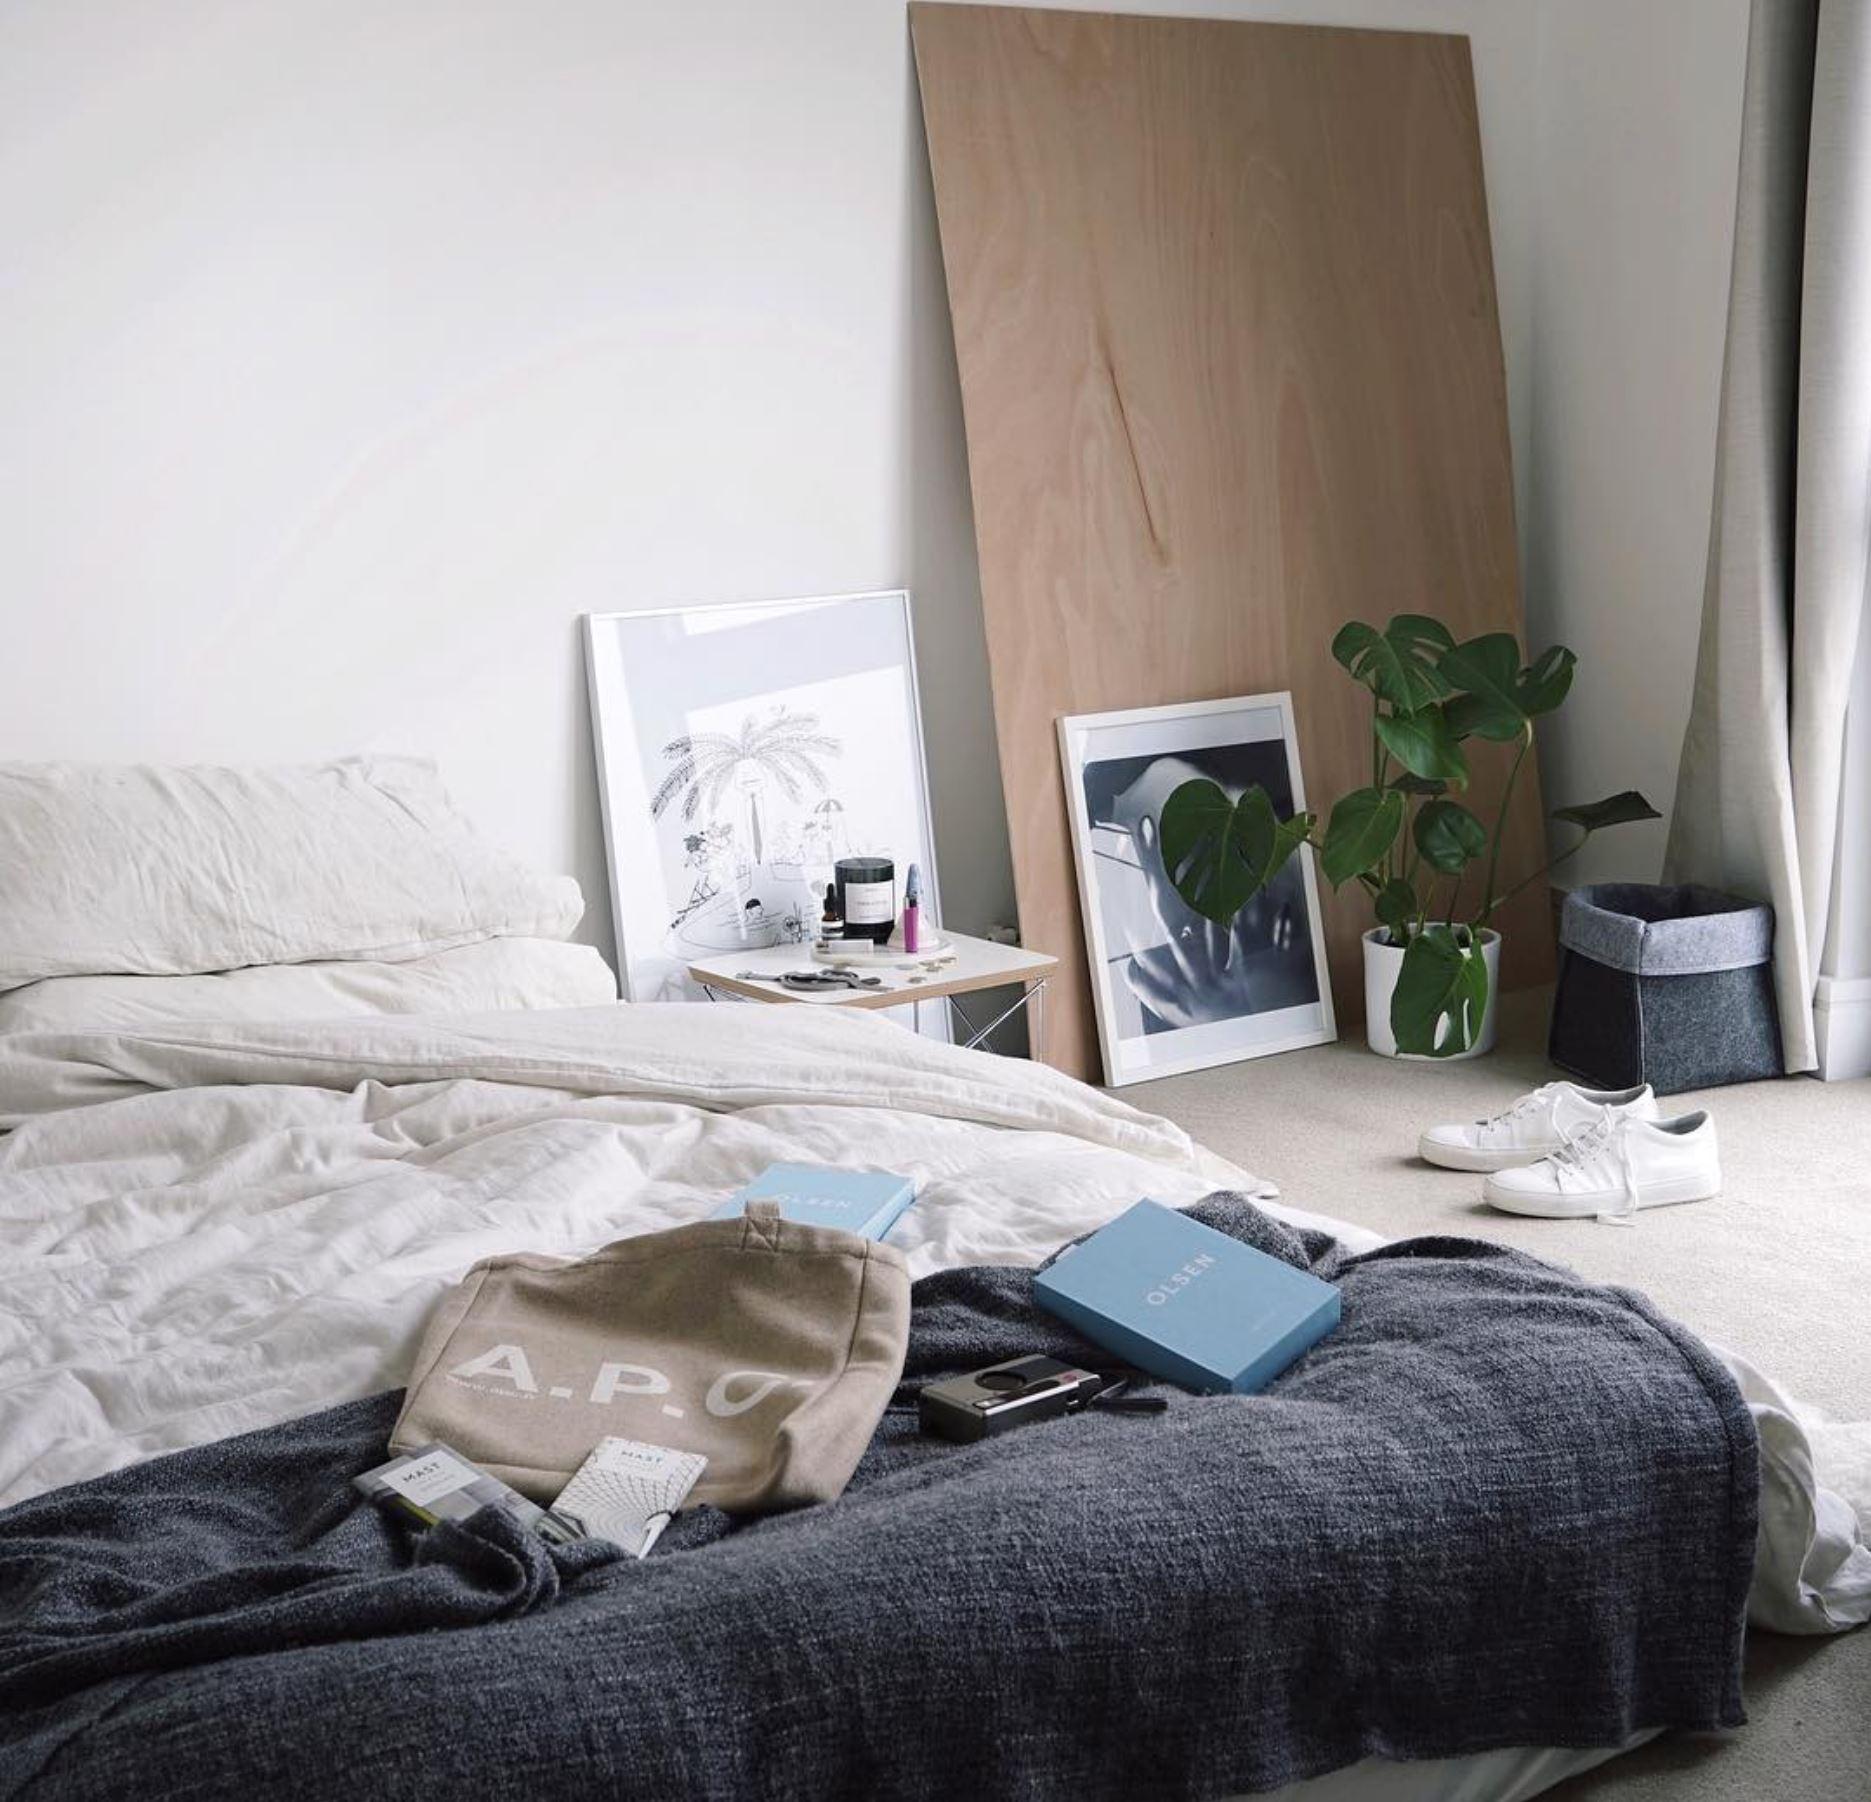 fredrikrisvik bedroom 02.jpg